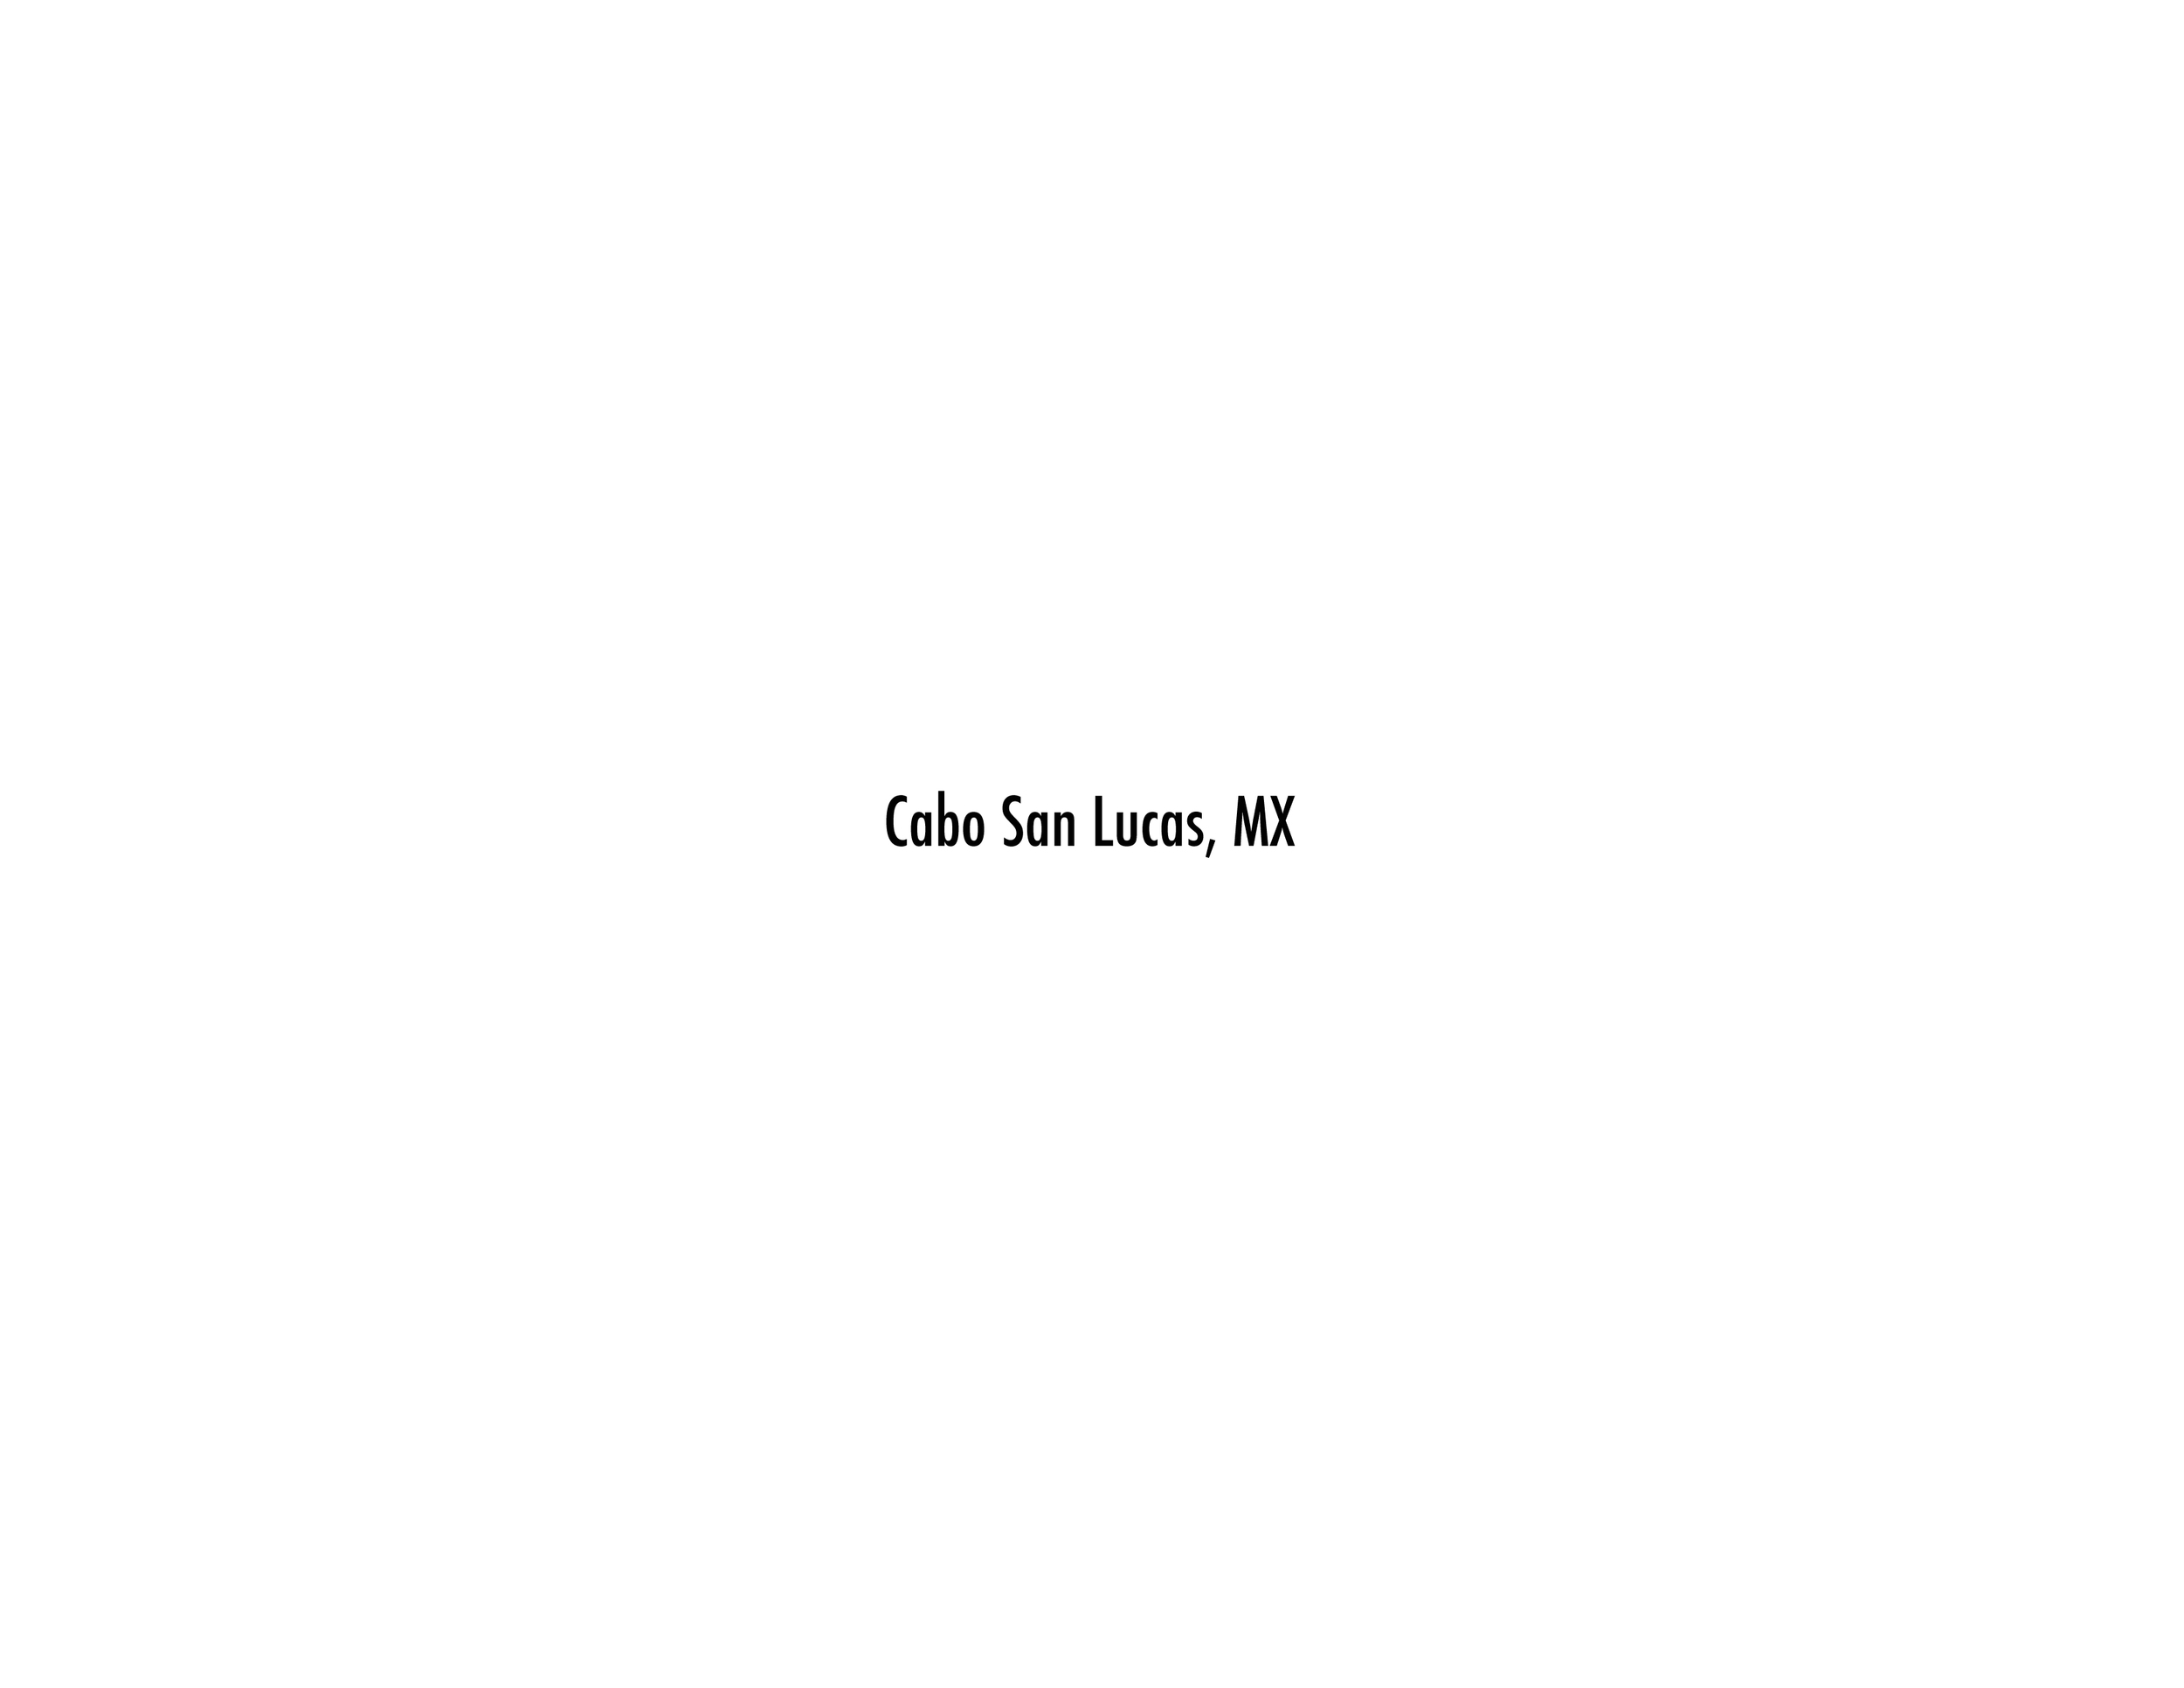 cabosanlucas.jpg